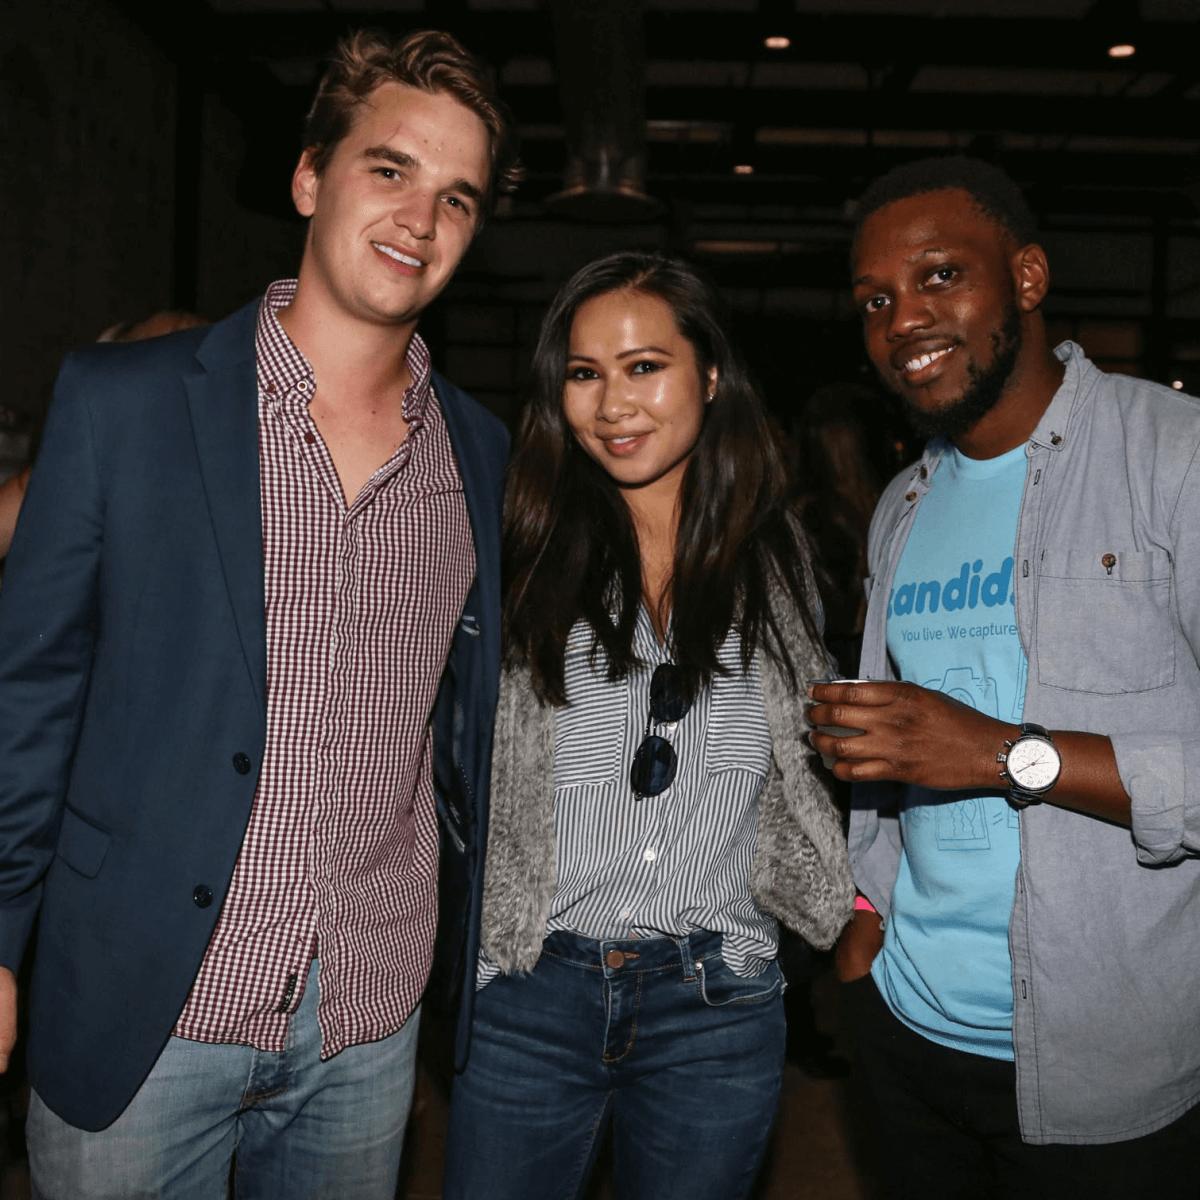 CultureMap Social Top Texans Under 30 Alex Crosby Katie Fang Sam Ulu